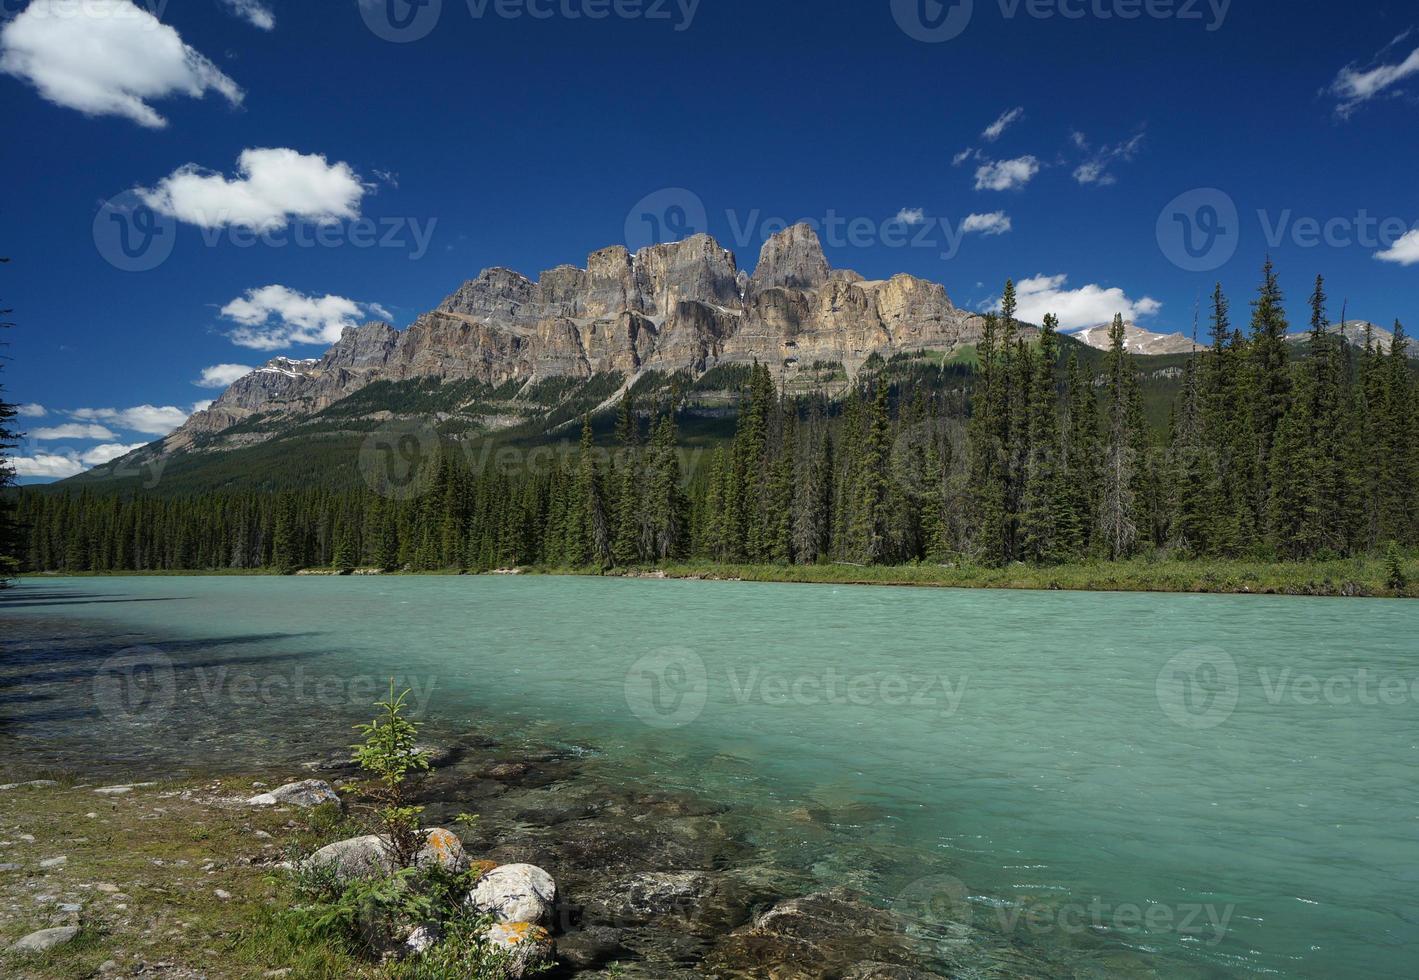 Castle Mountain & Bow River im Banff National Park foto